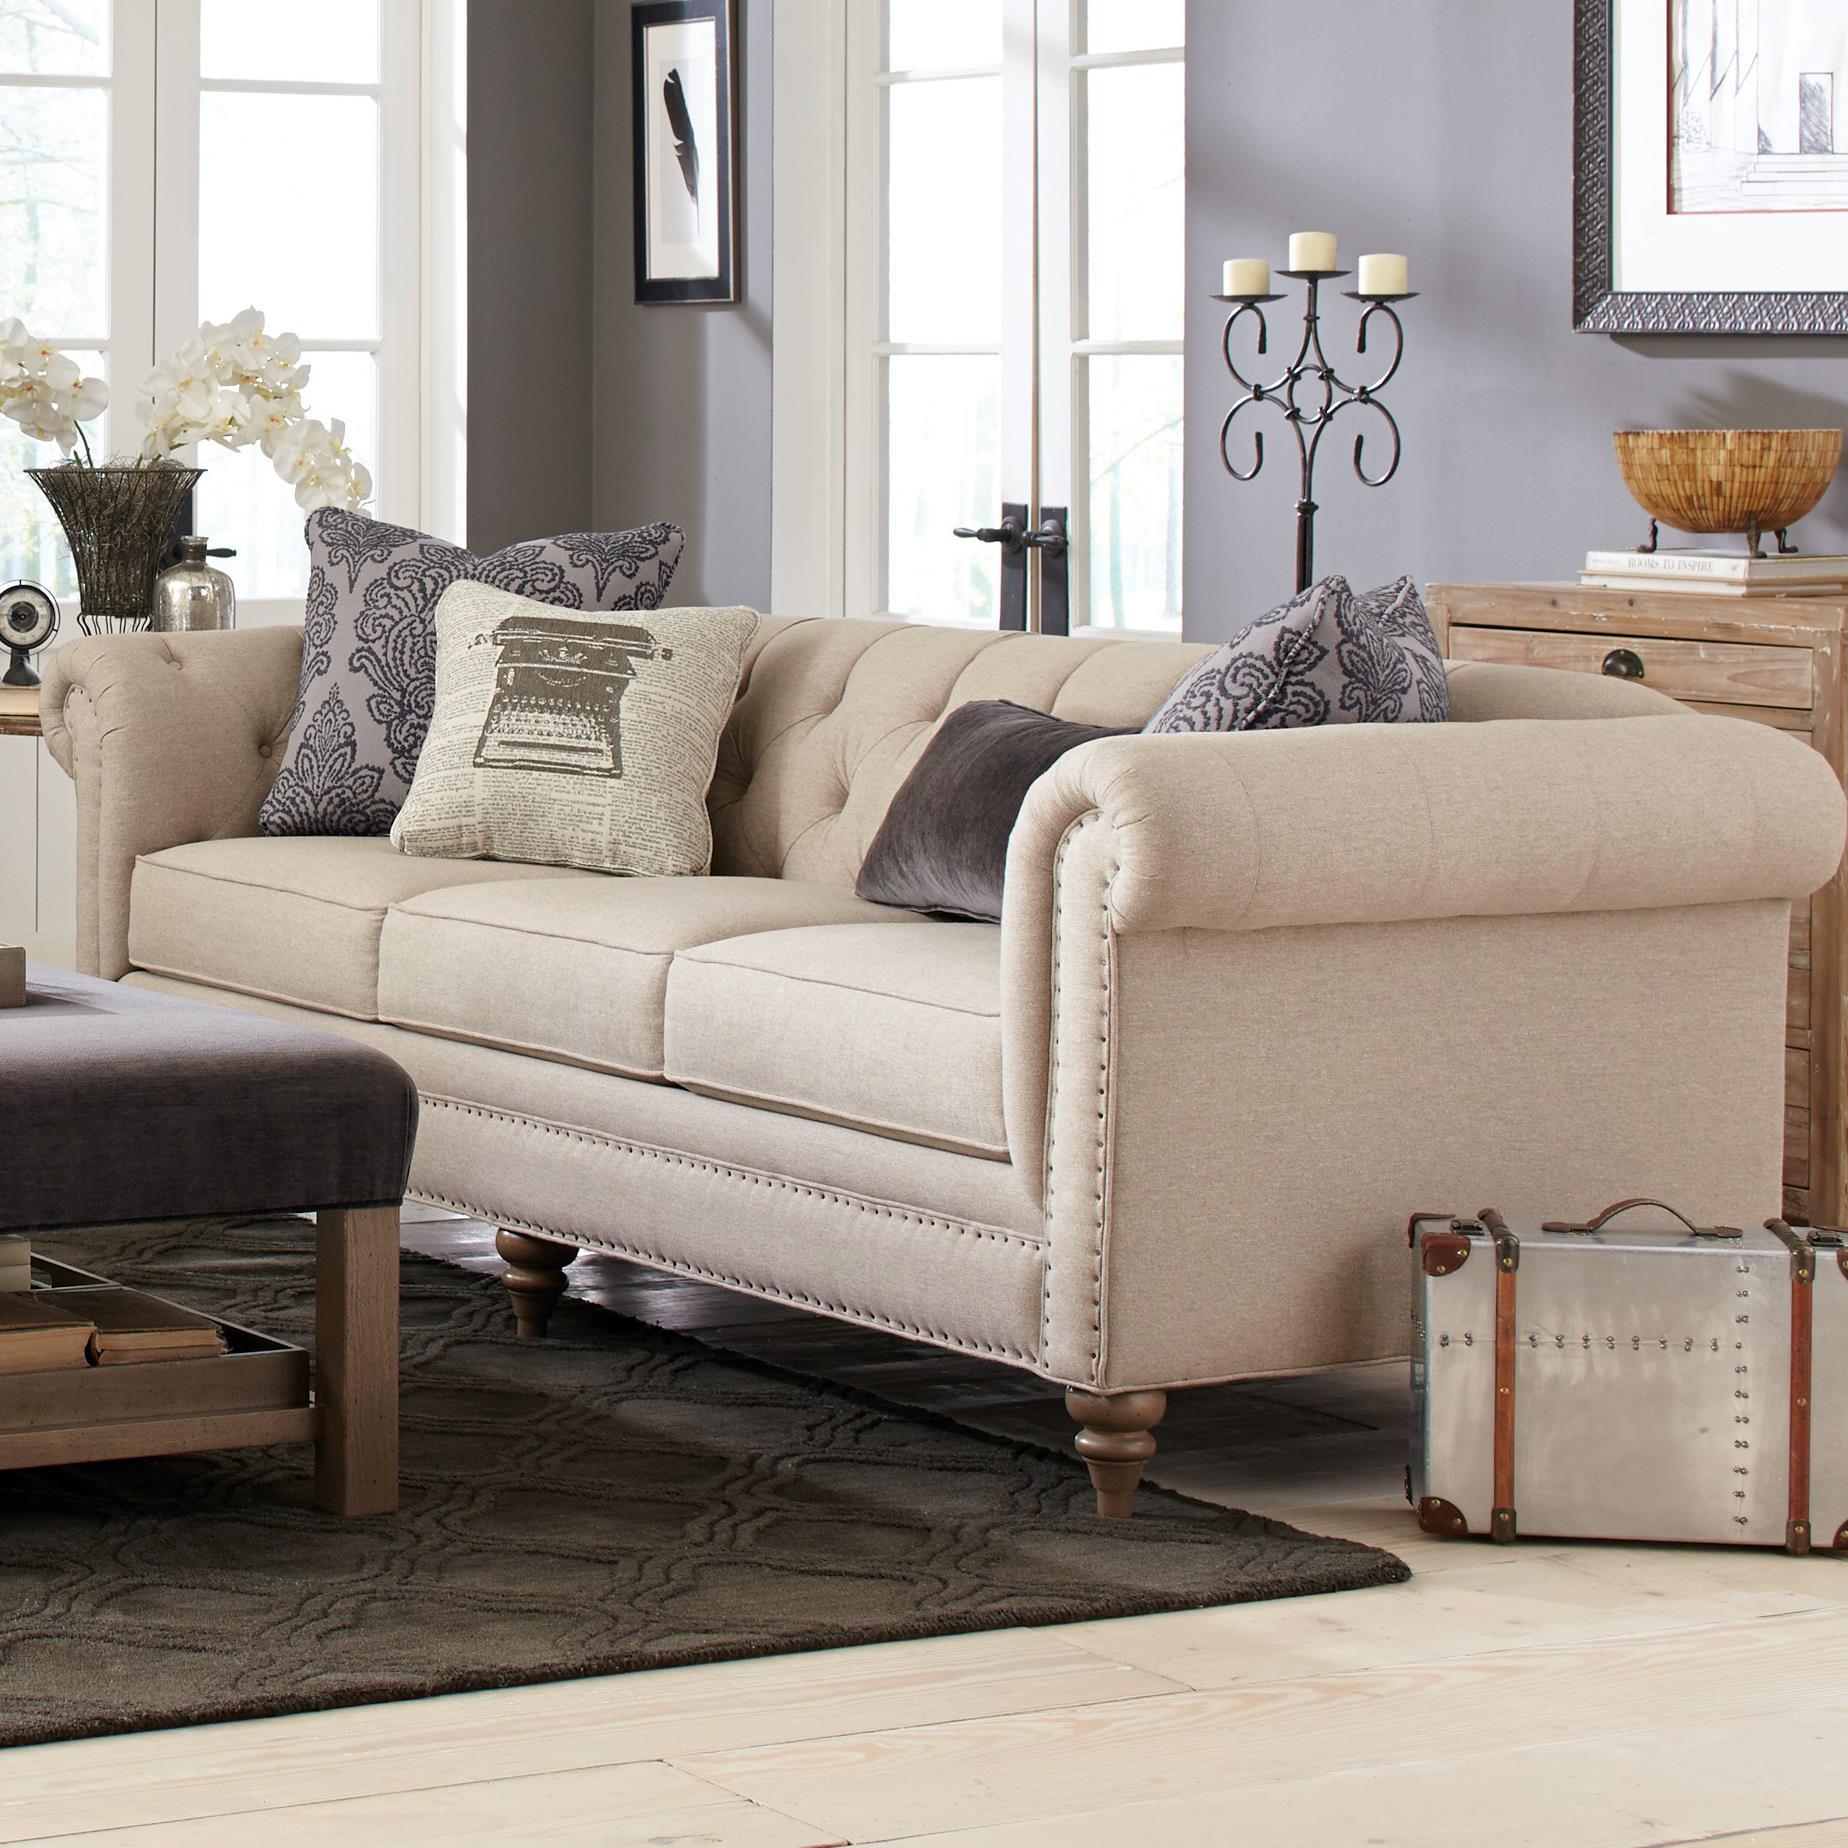 emma tufted sofa futon beds for sale sam moore reviews wayfair thesofa